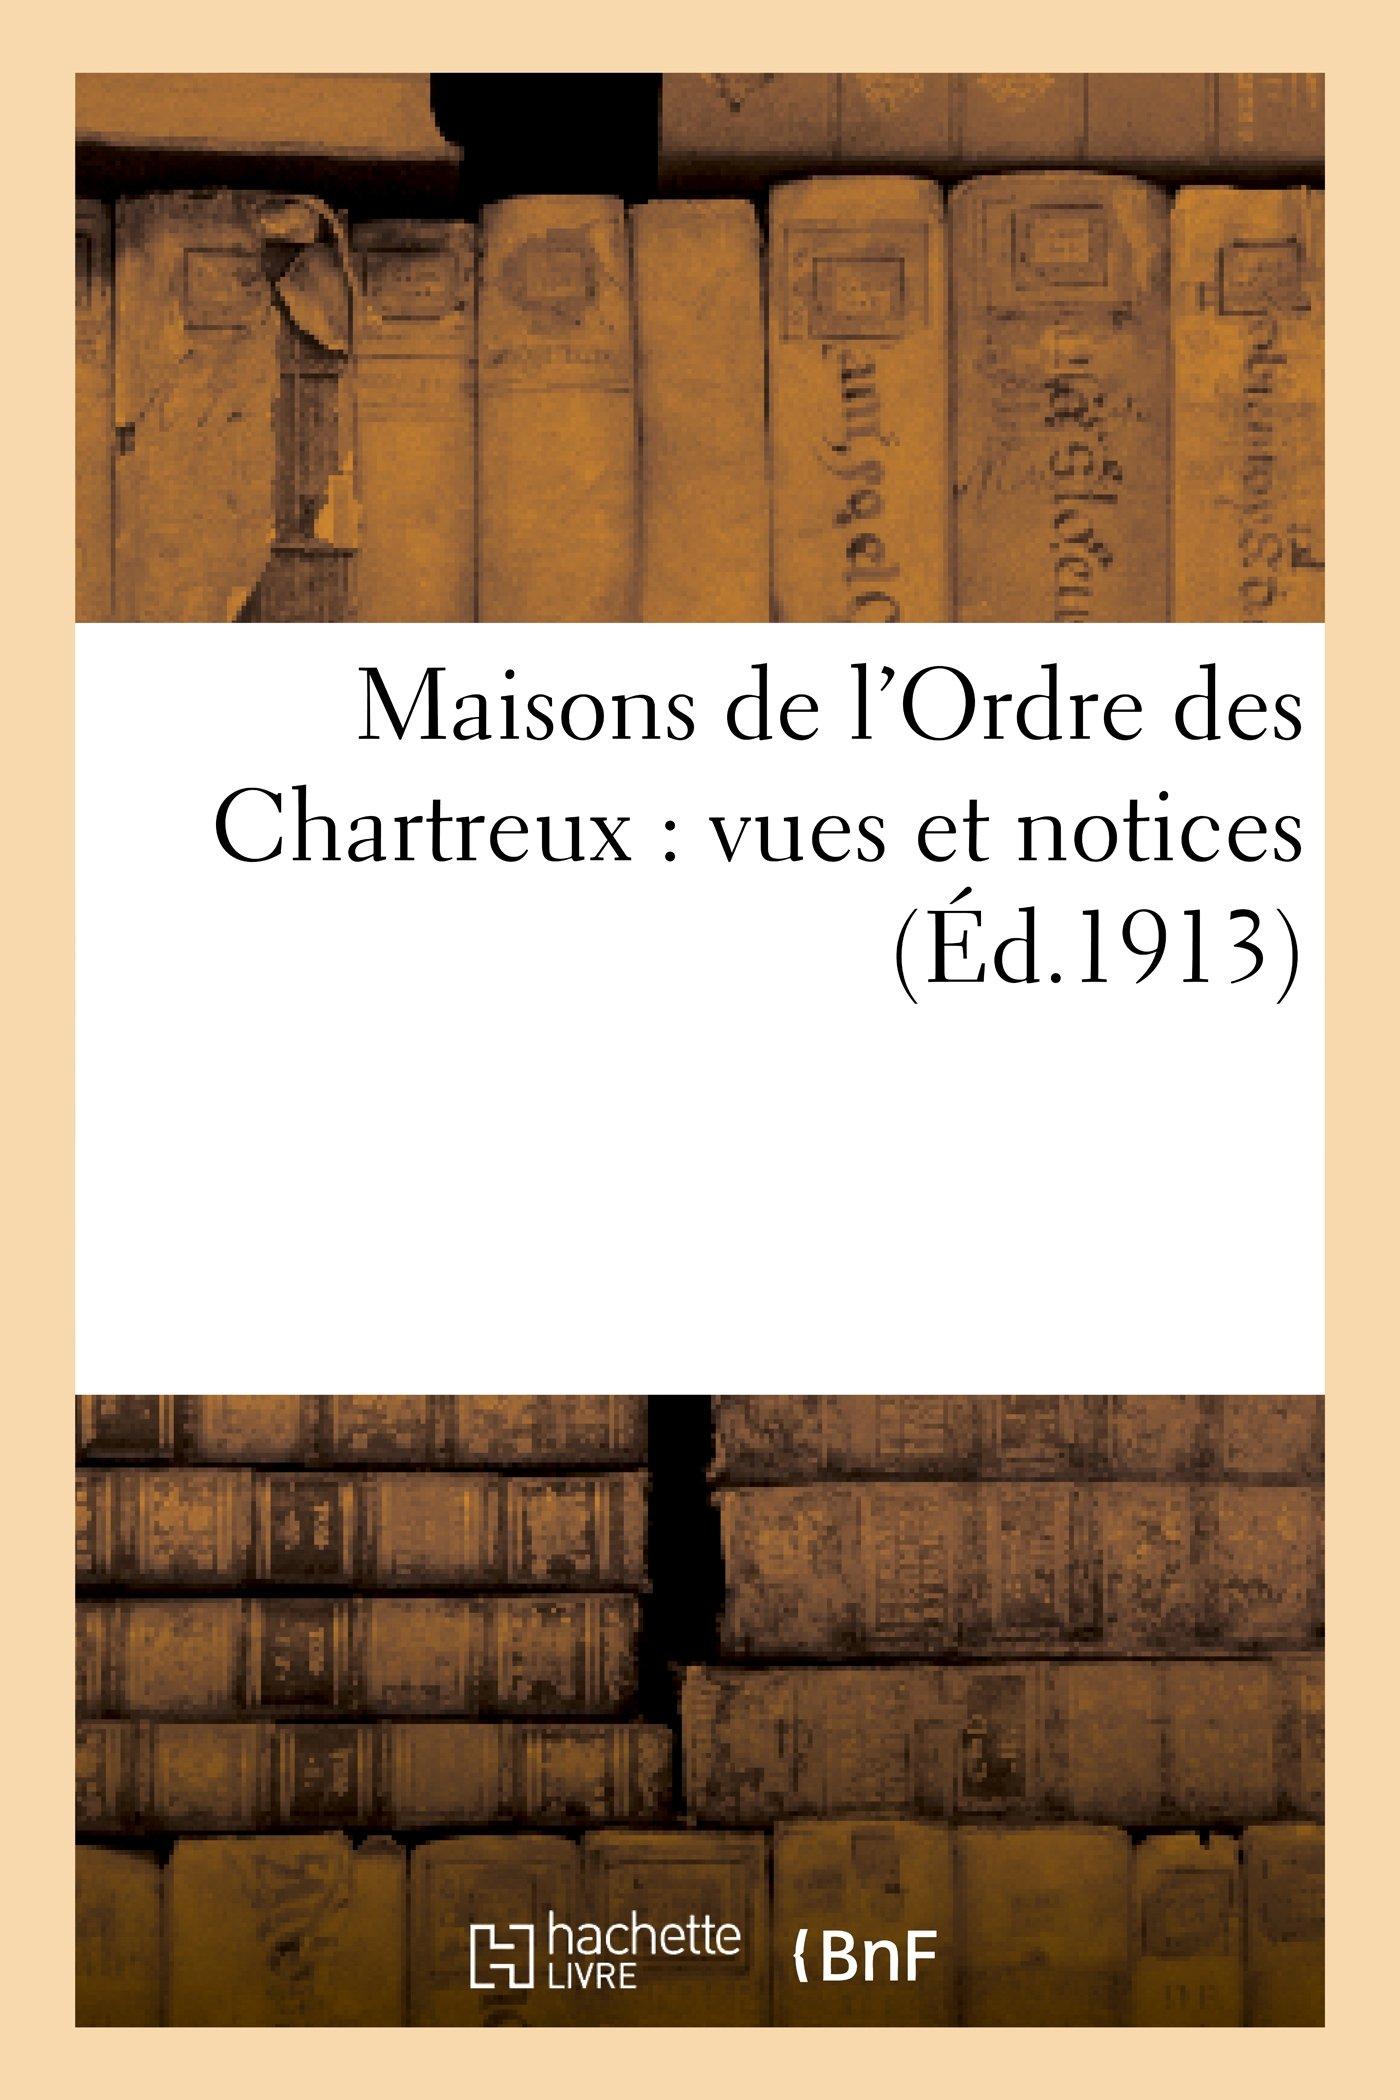 Maisons de l'Ordre des Chartreux : vues et notices Broché – 1 avril 2013 Sans Auteur Hachette Livre BNF 2012739393 Architecture